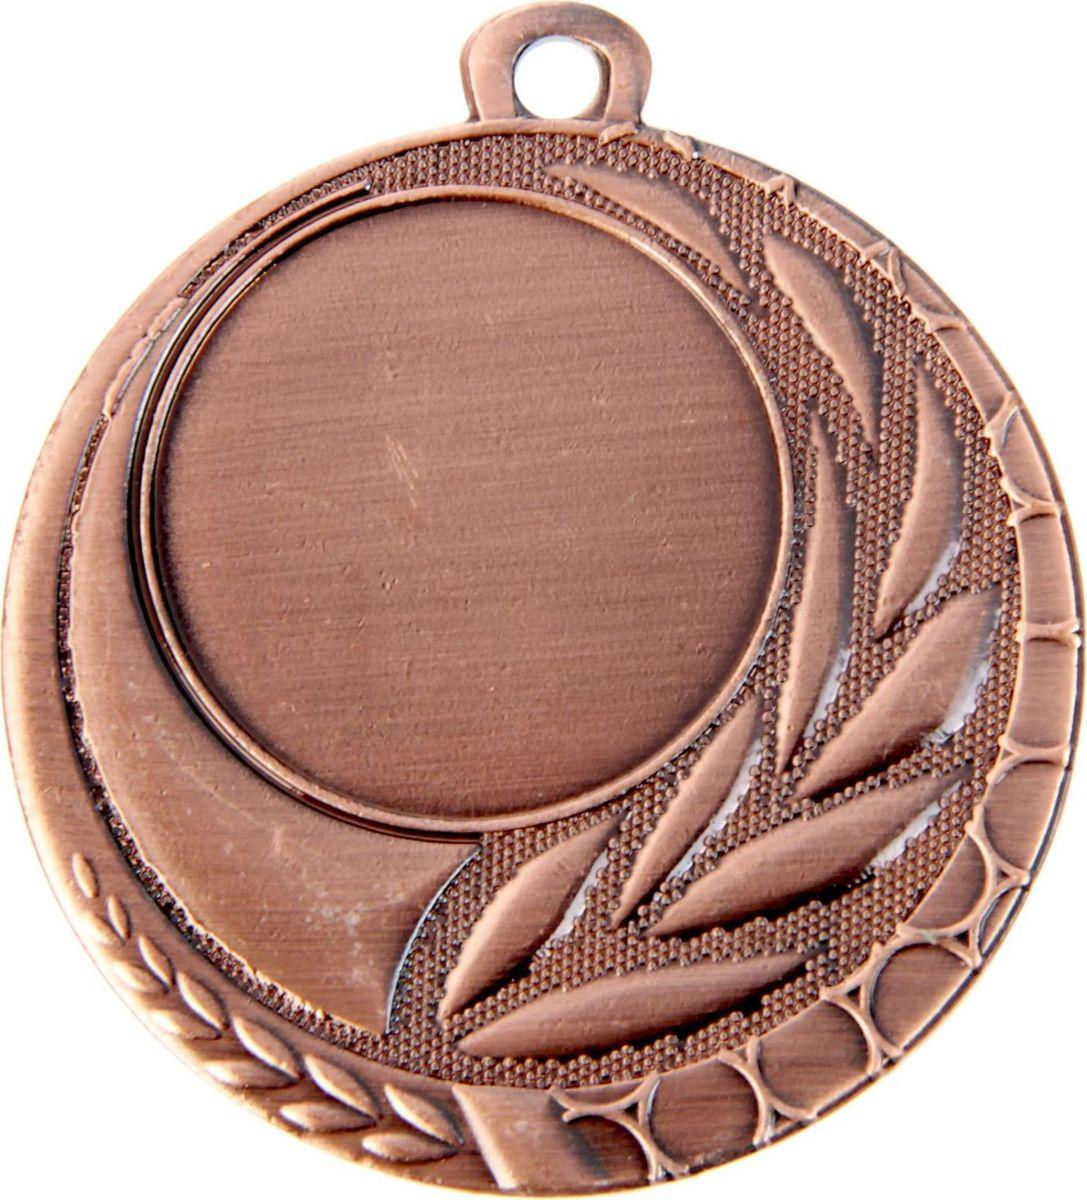 Медаль сувенирная с местом для гравировки, цвет: бронзовый, диаметр 5 см. 0421387690Пусть любая победа будет отмечена соответствующей наградой! Медаль — знак отличия, которым награждают самых достойных. Она вручается лишь тем, кто проявил настойчивость и волю к победе. Каждое достижение — это важное событие, которое должно остаться в памяти на долгие годы. изготовлена из металла, в комплект входит лента цвета триколор, являющегося одним из государственных символов России. Характеристики: Диаметр медали: 5 см Диаметр вкладыша (лицо): 2,5 см Диаметр вкладыша (оборот): 4 см